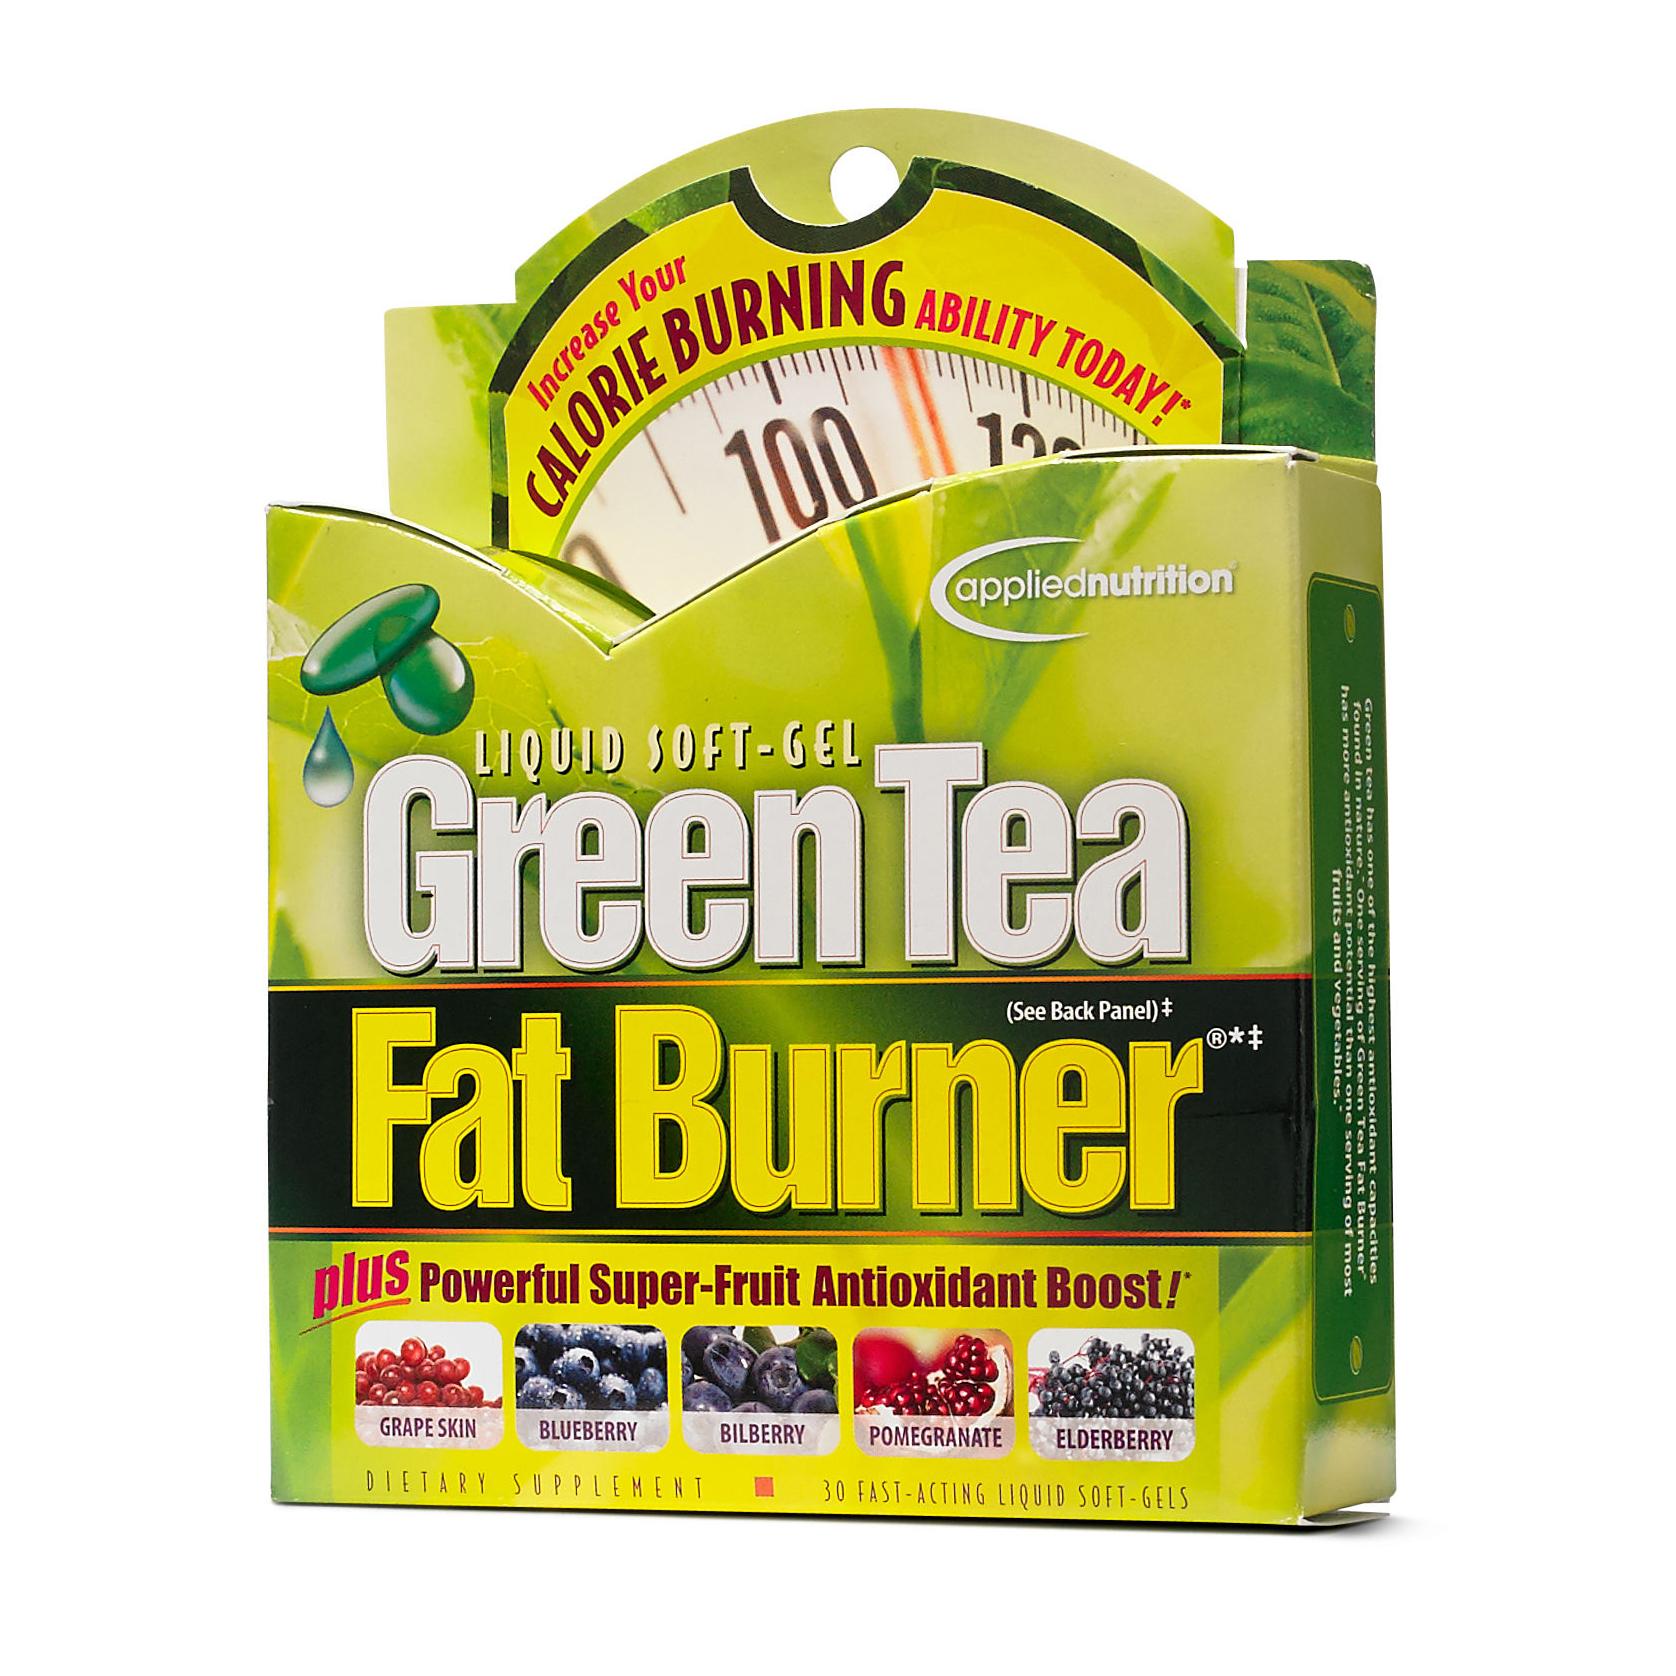 ชาเขียวลดน้ำหนัก Green Tea Fat Burner 30 Liquid Soft-Gel ราคาส่งถูกๆ W.105 รหัส i81